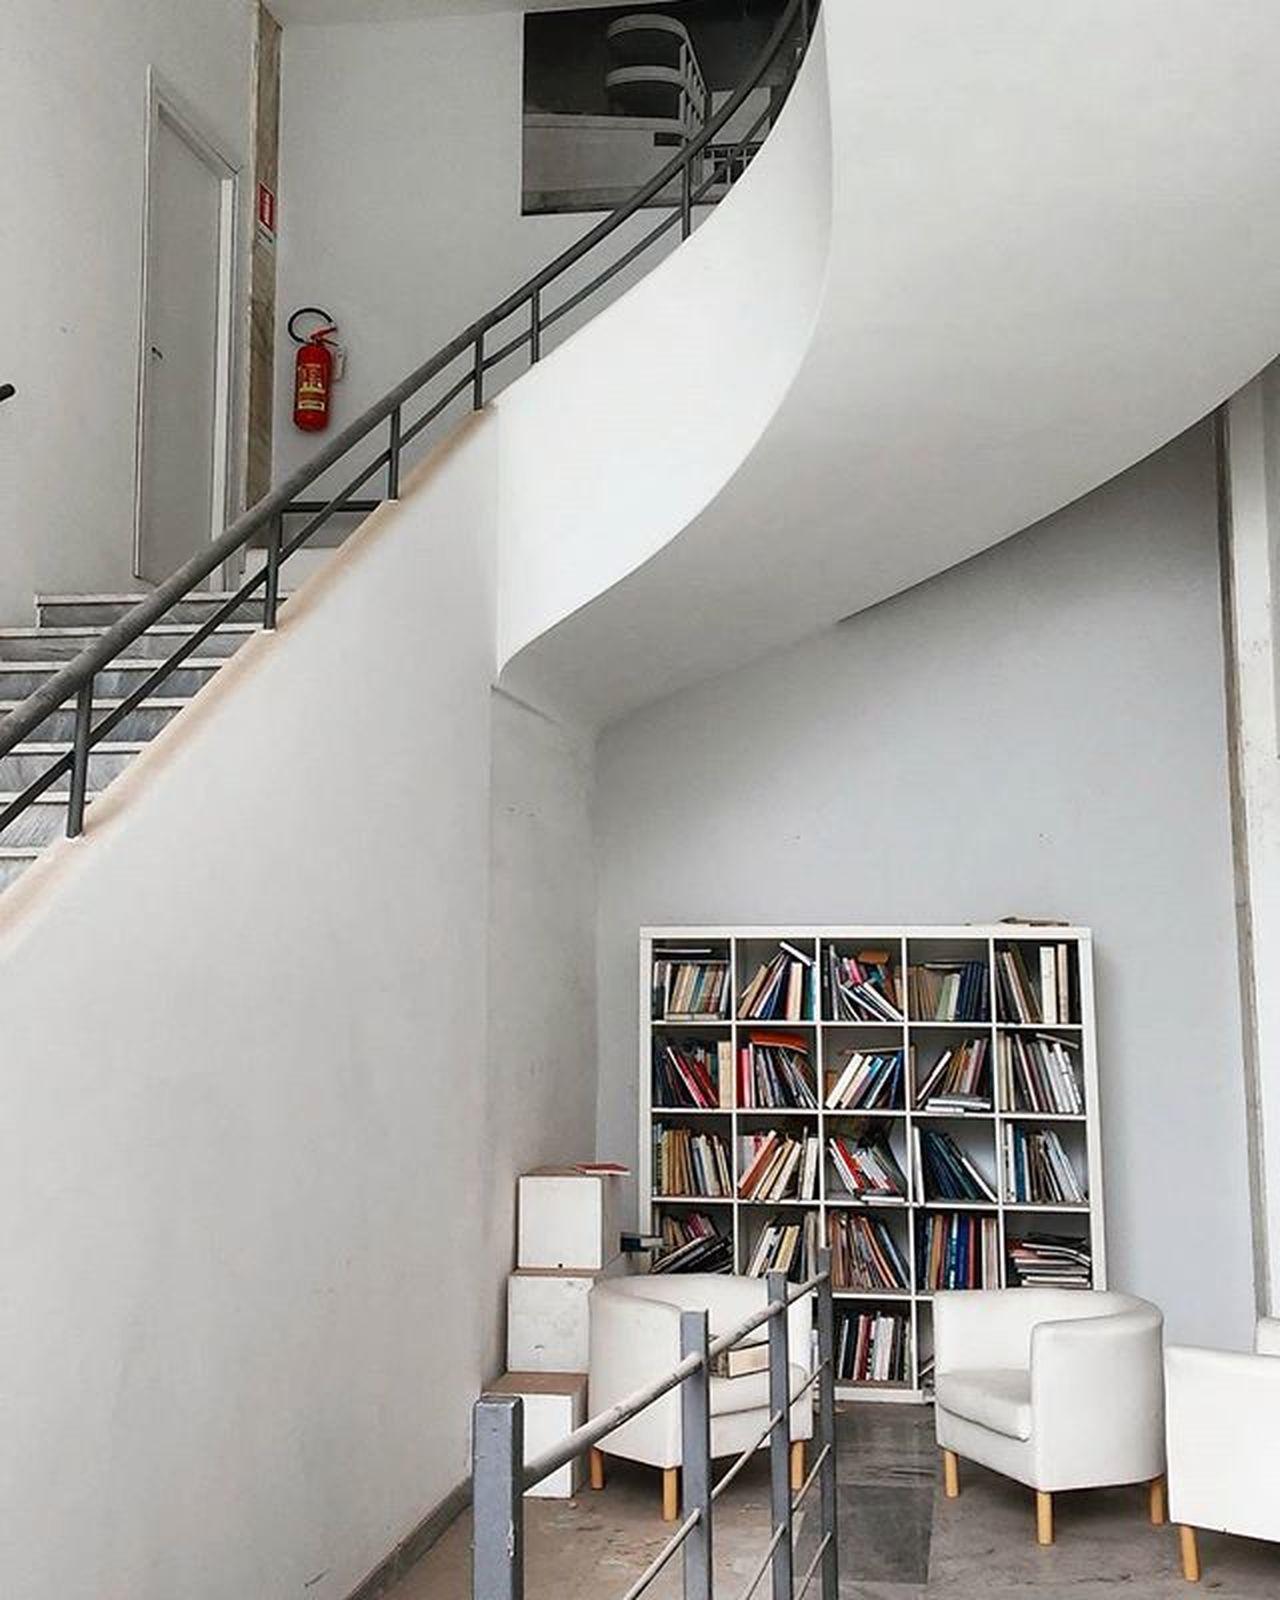 24 marzo 2016 casa della gil, luigi moretti - Trastevere Casagil Razionalismo Ventennio Moretti Interior Roma Architecture E Your Design Story